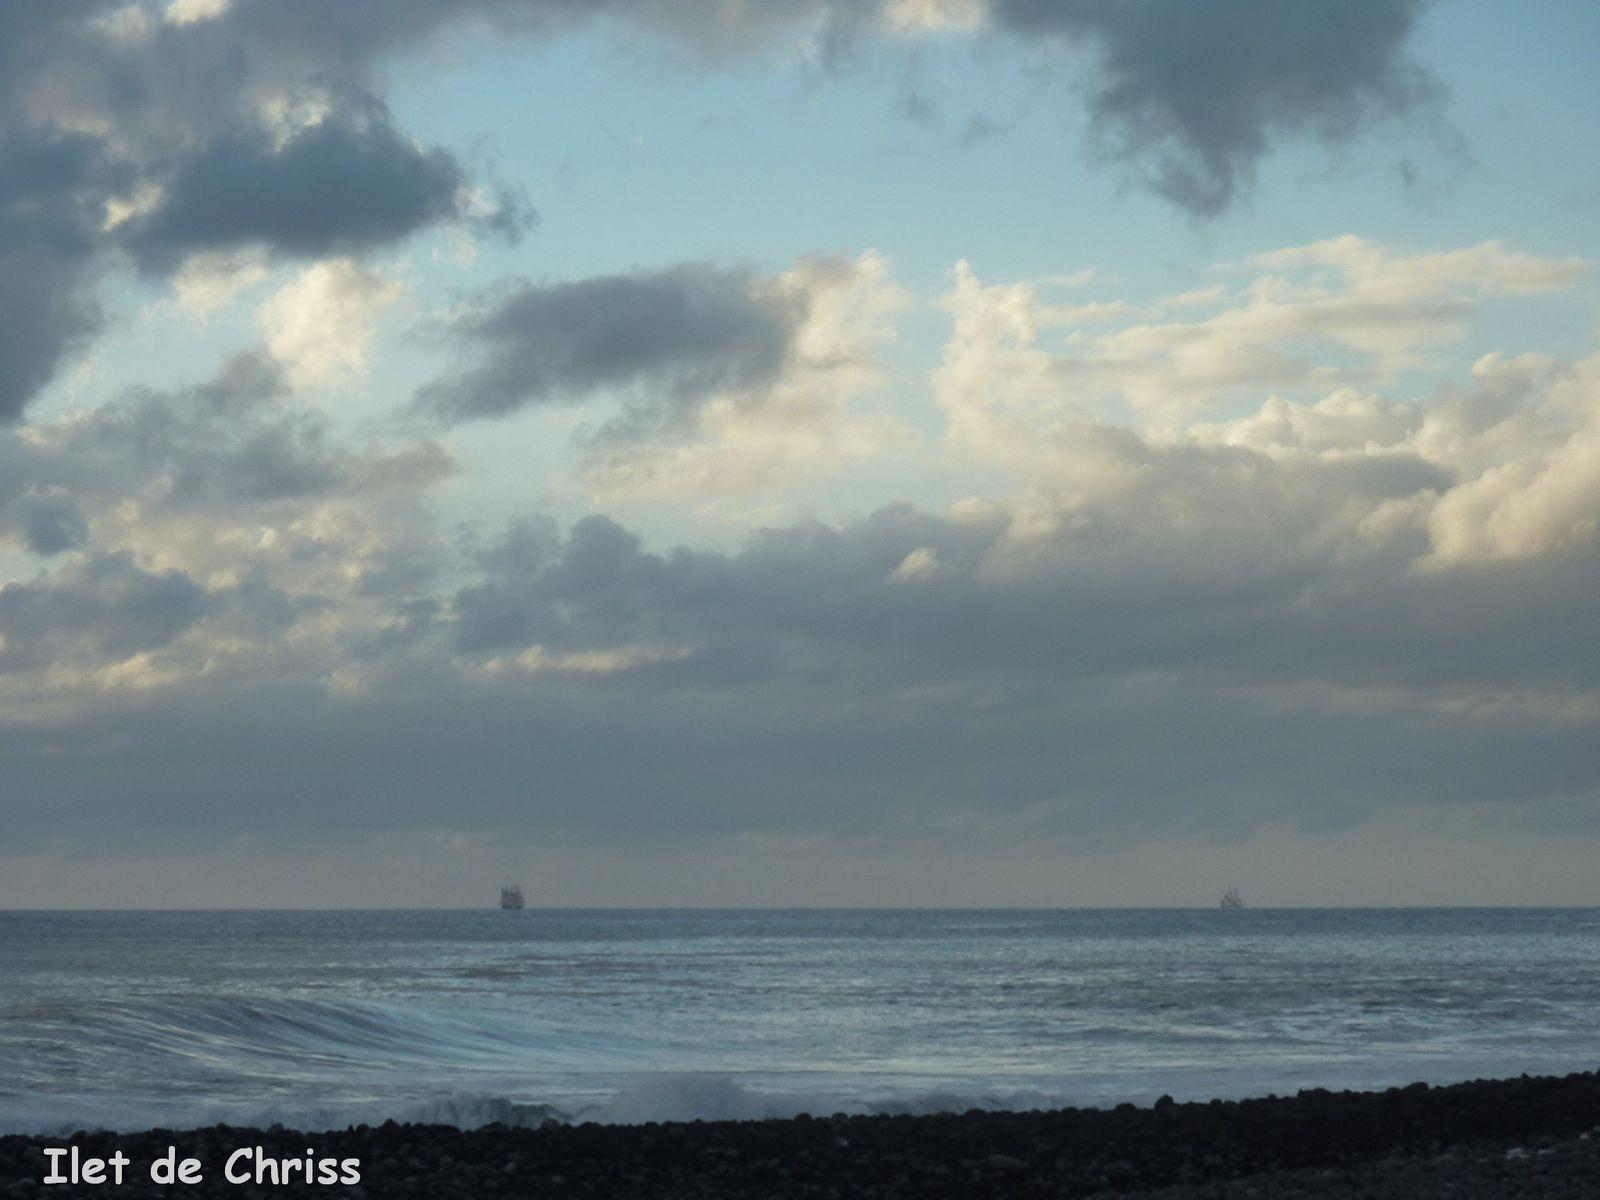 Le départ des Hollandais vers l'île Maurice